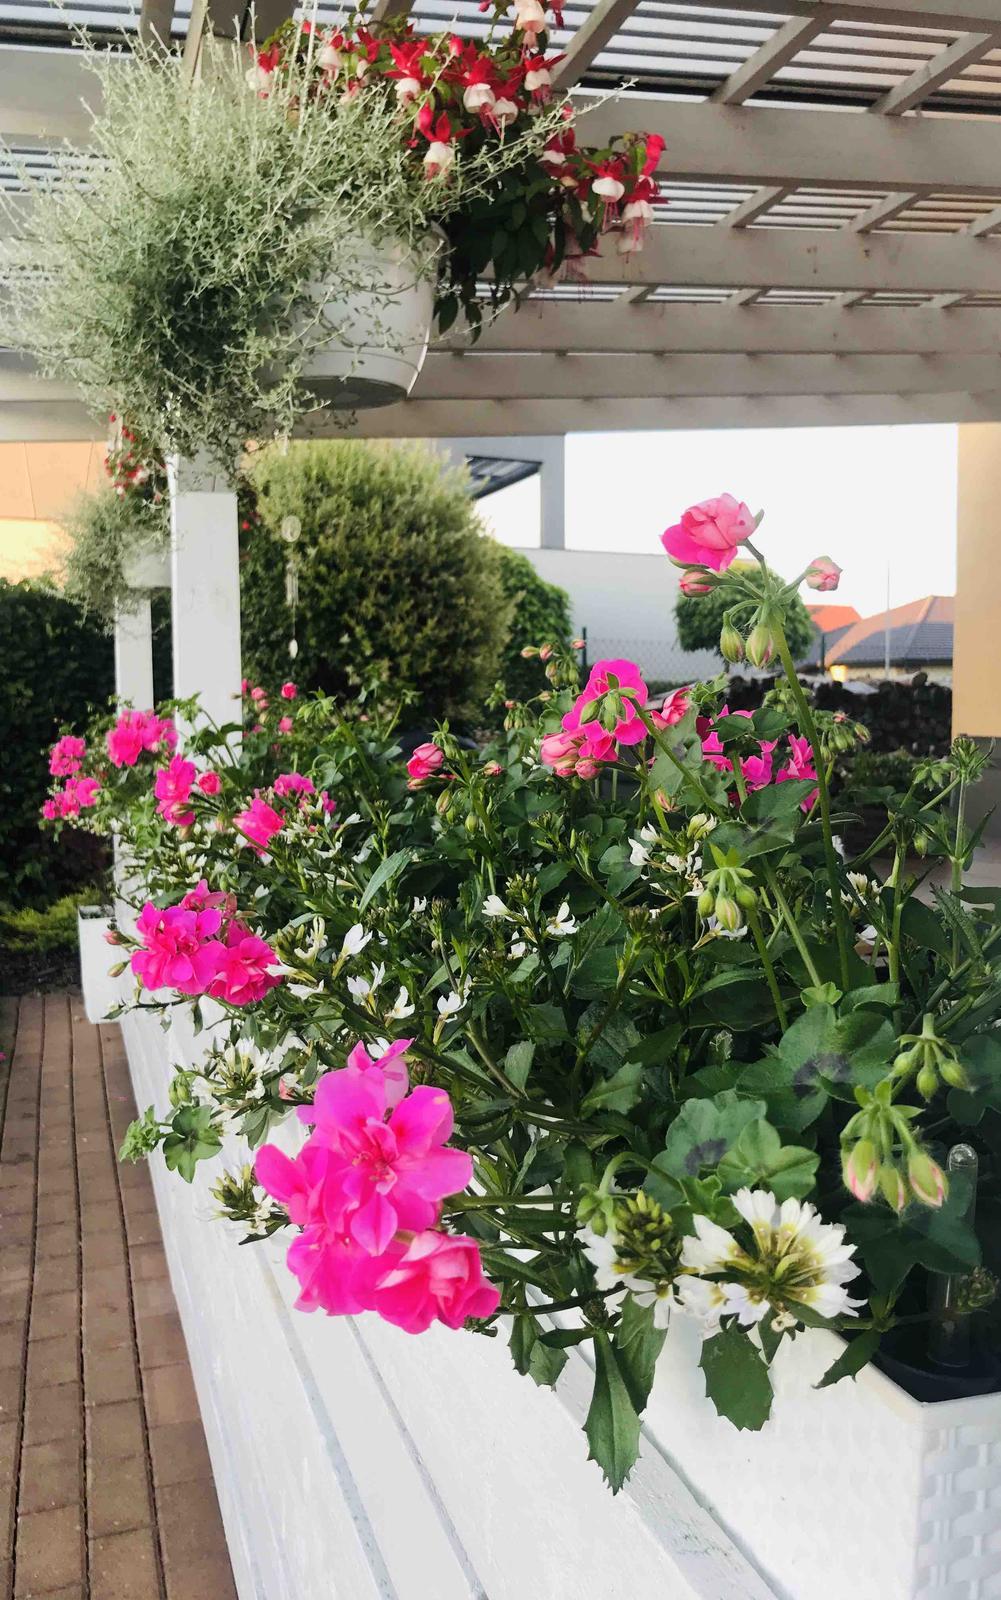 Naše barevná zahrada 🌸 rok 2020 - Muškáty a vějířovka 🌸 už se krásně rozrůstají